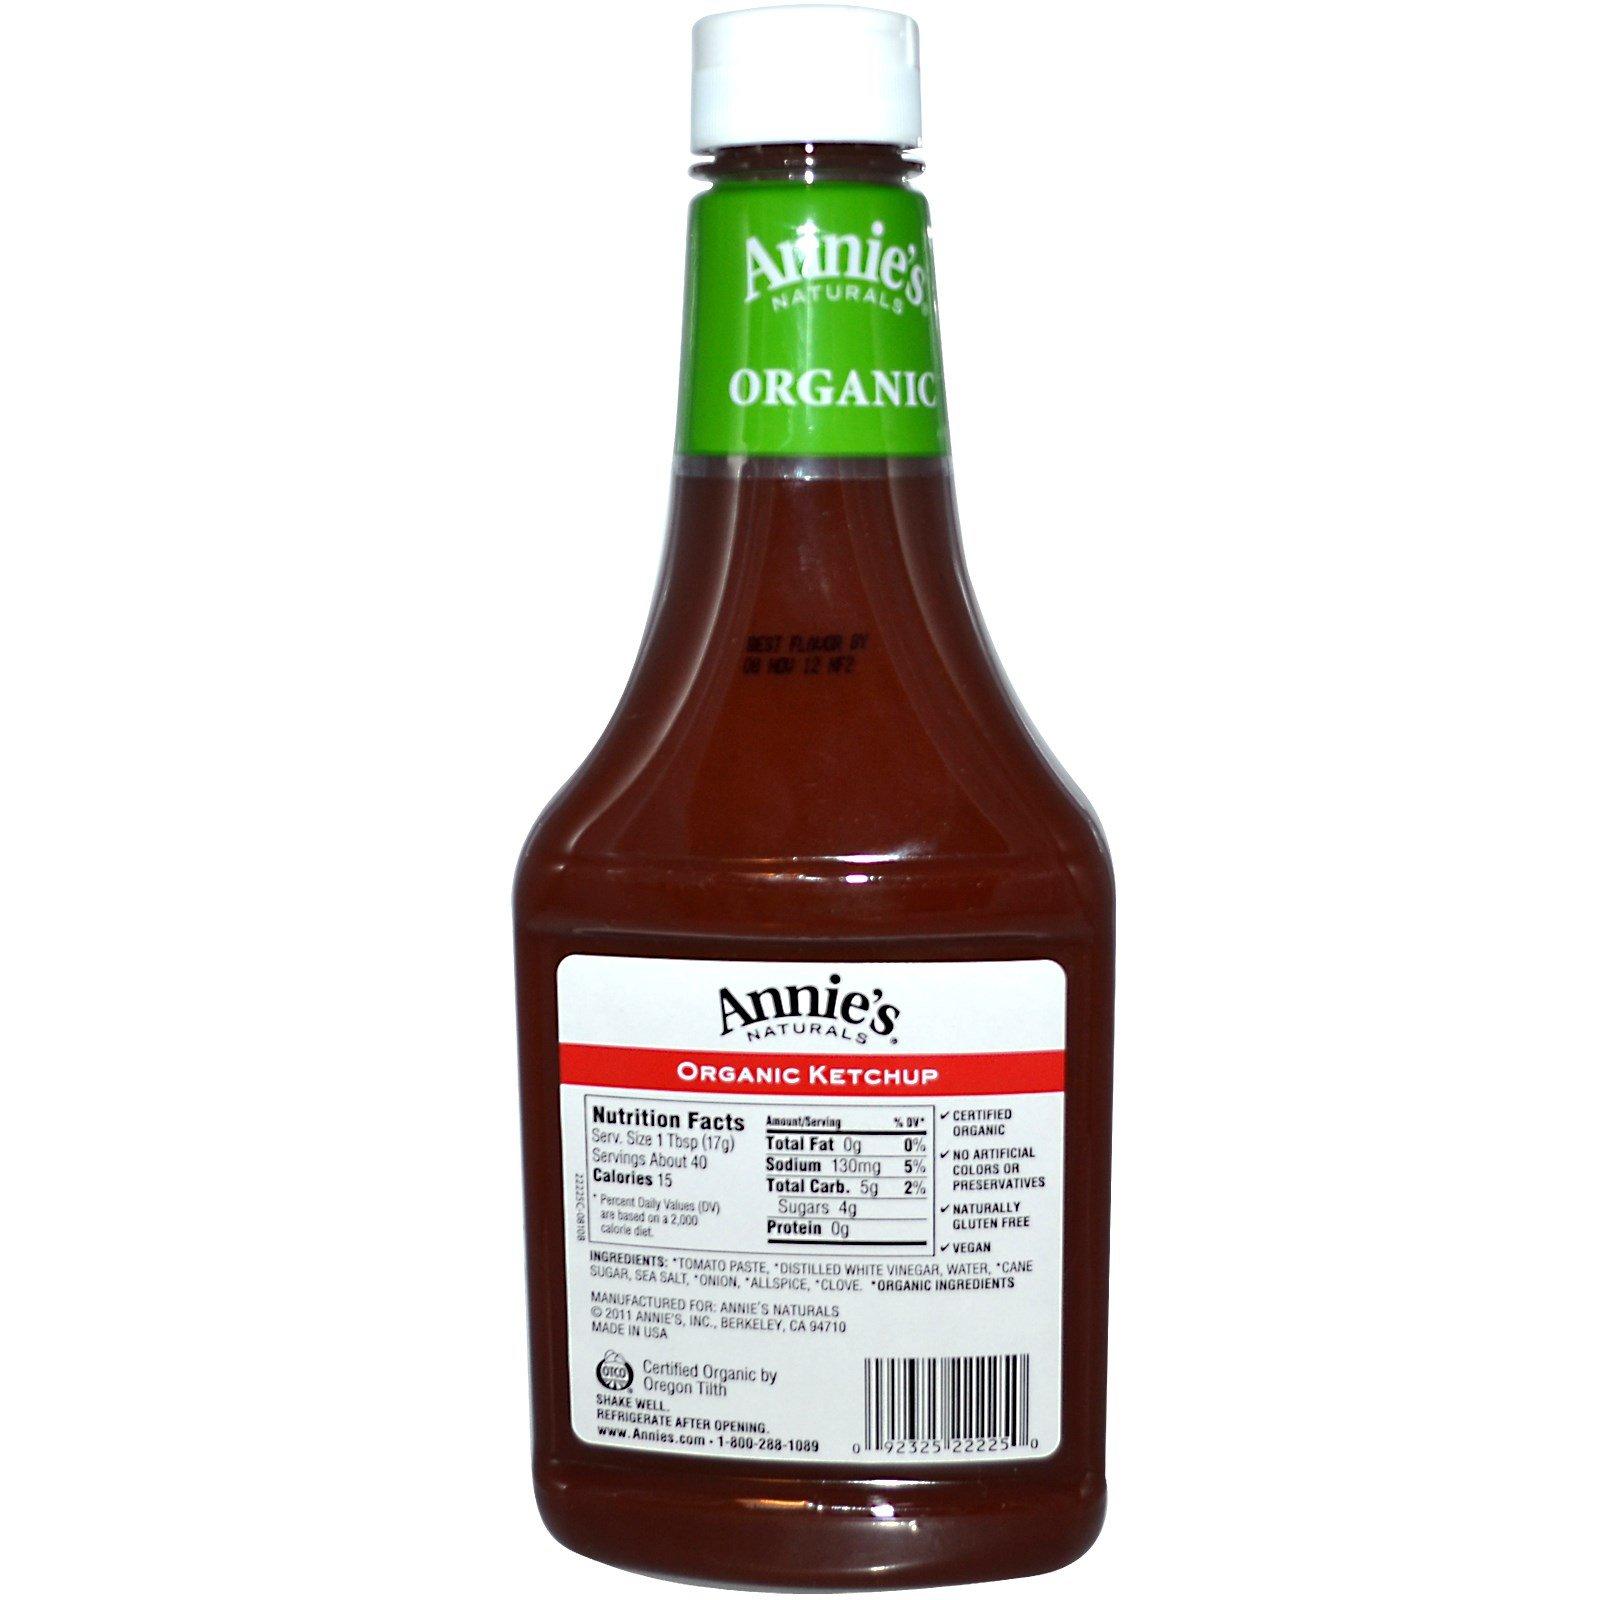 Annie's Naturals, Organic, Ketchup, 24 oz (680 g) By Annie's Naturals